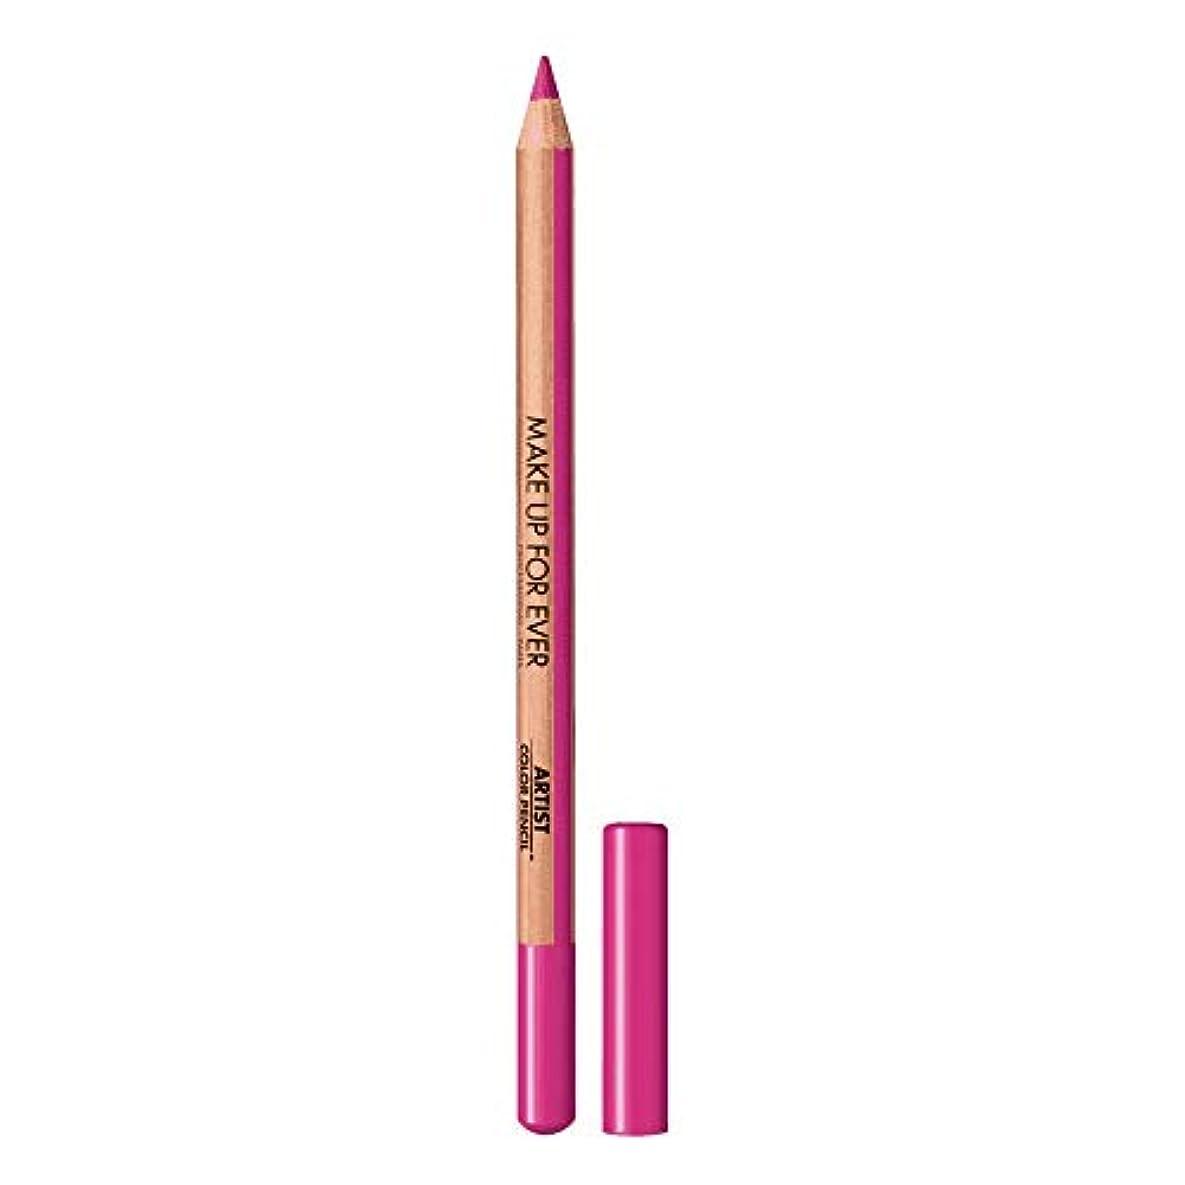 書き込み交通渋滞驚きメイクアップフォーエバー Artist Color Pencil - # 802 Fuchsia Etc 1.41g/0.04oz並行輸入品